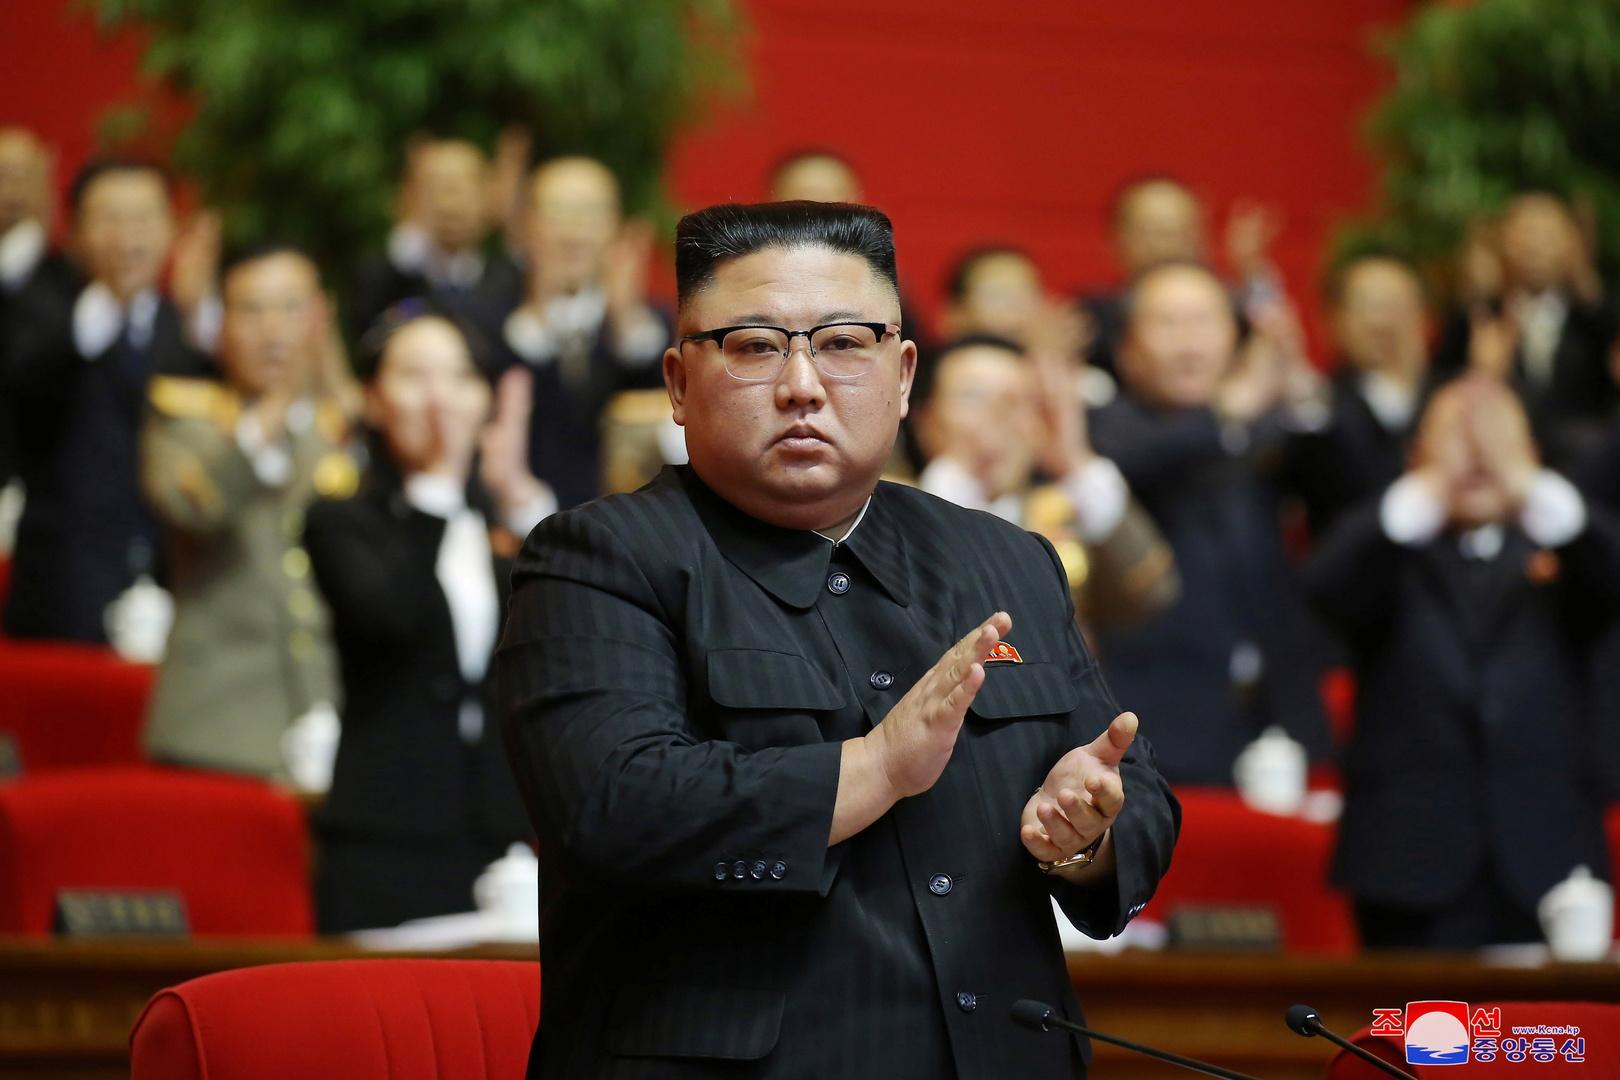 حزب العمال الكوري الشمالي ينتخب كيم أمينا عاما له